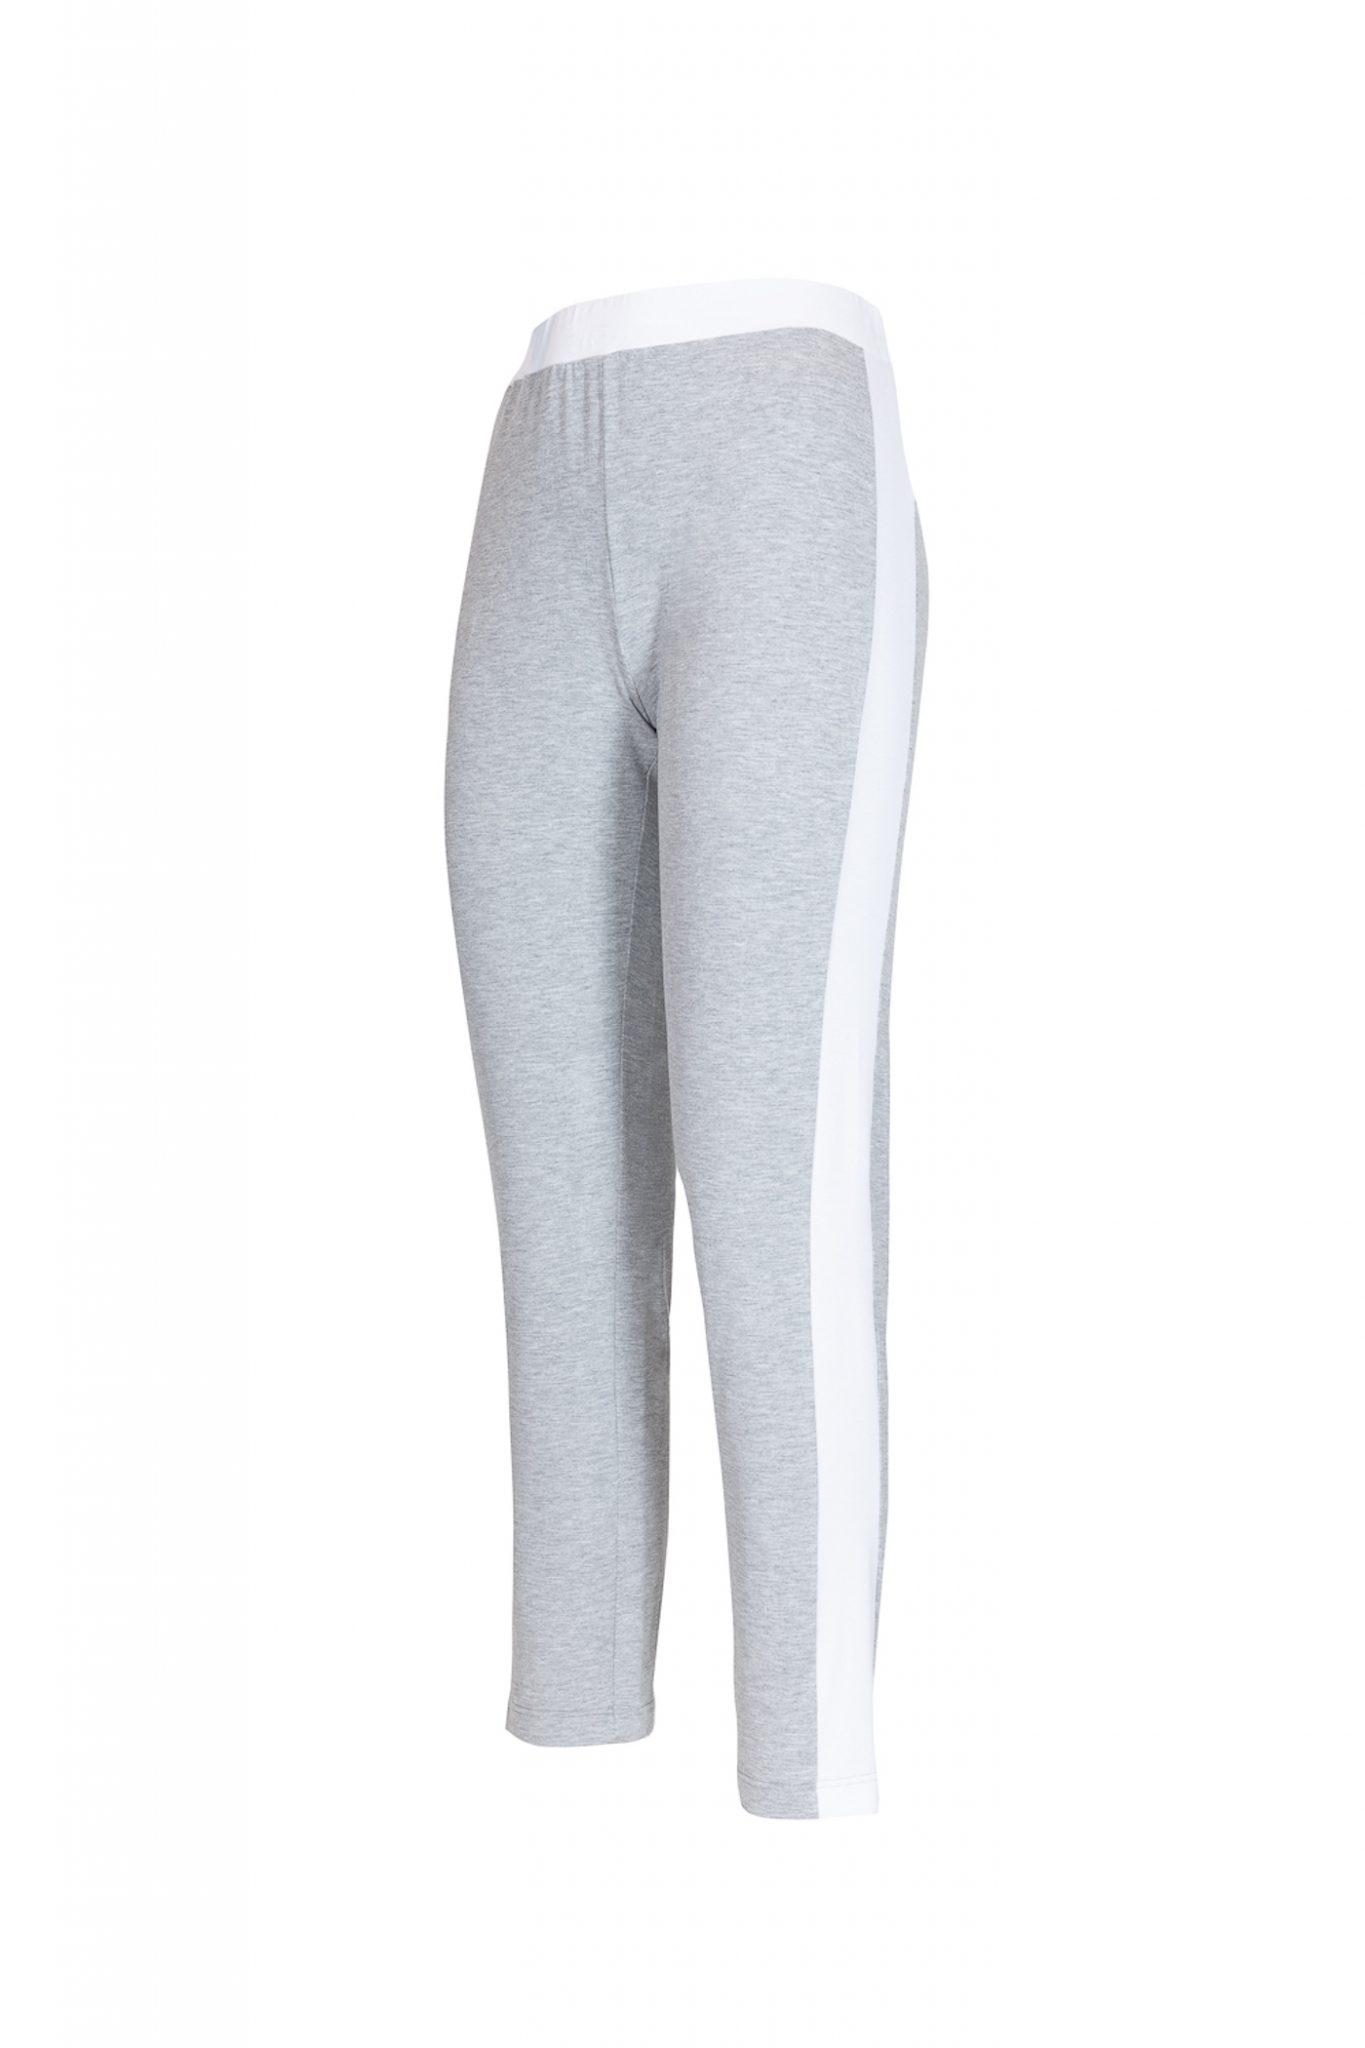 Pantalone della linea Freestyle